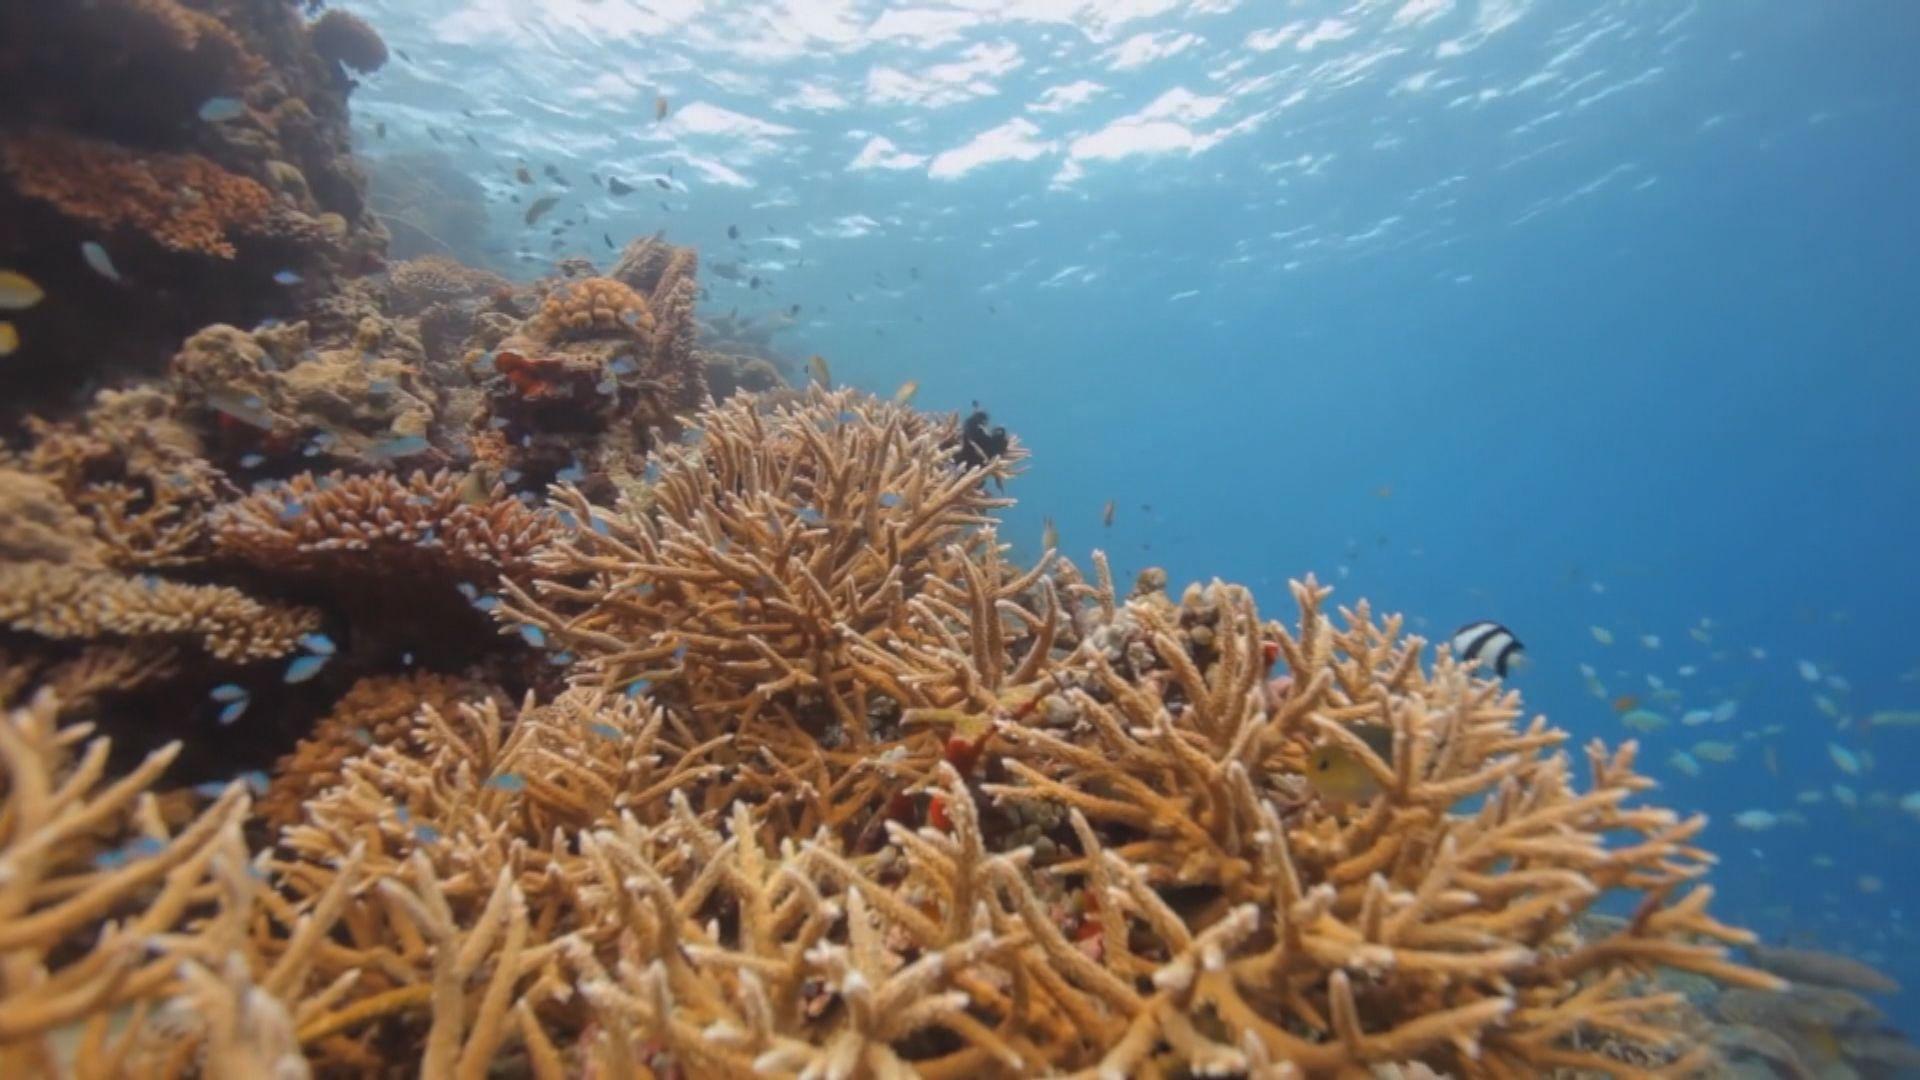 【環球薈報】澳洲科研機構移殖珊瑚幼蟲盼改善生態